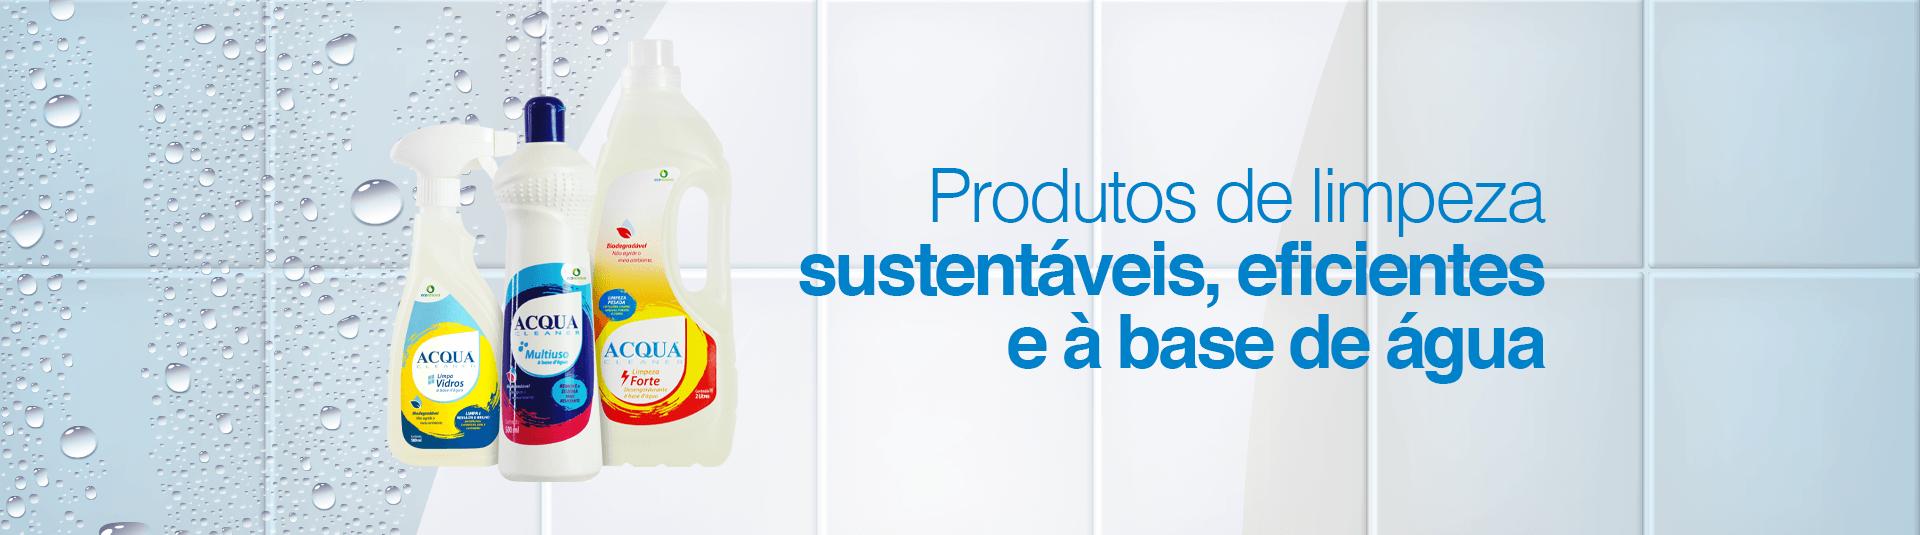 Sustentáveis, eficientes e a Base de água